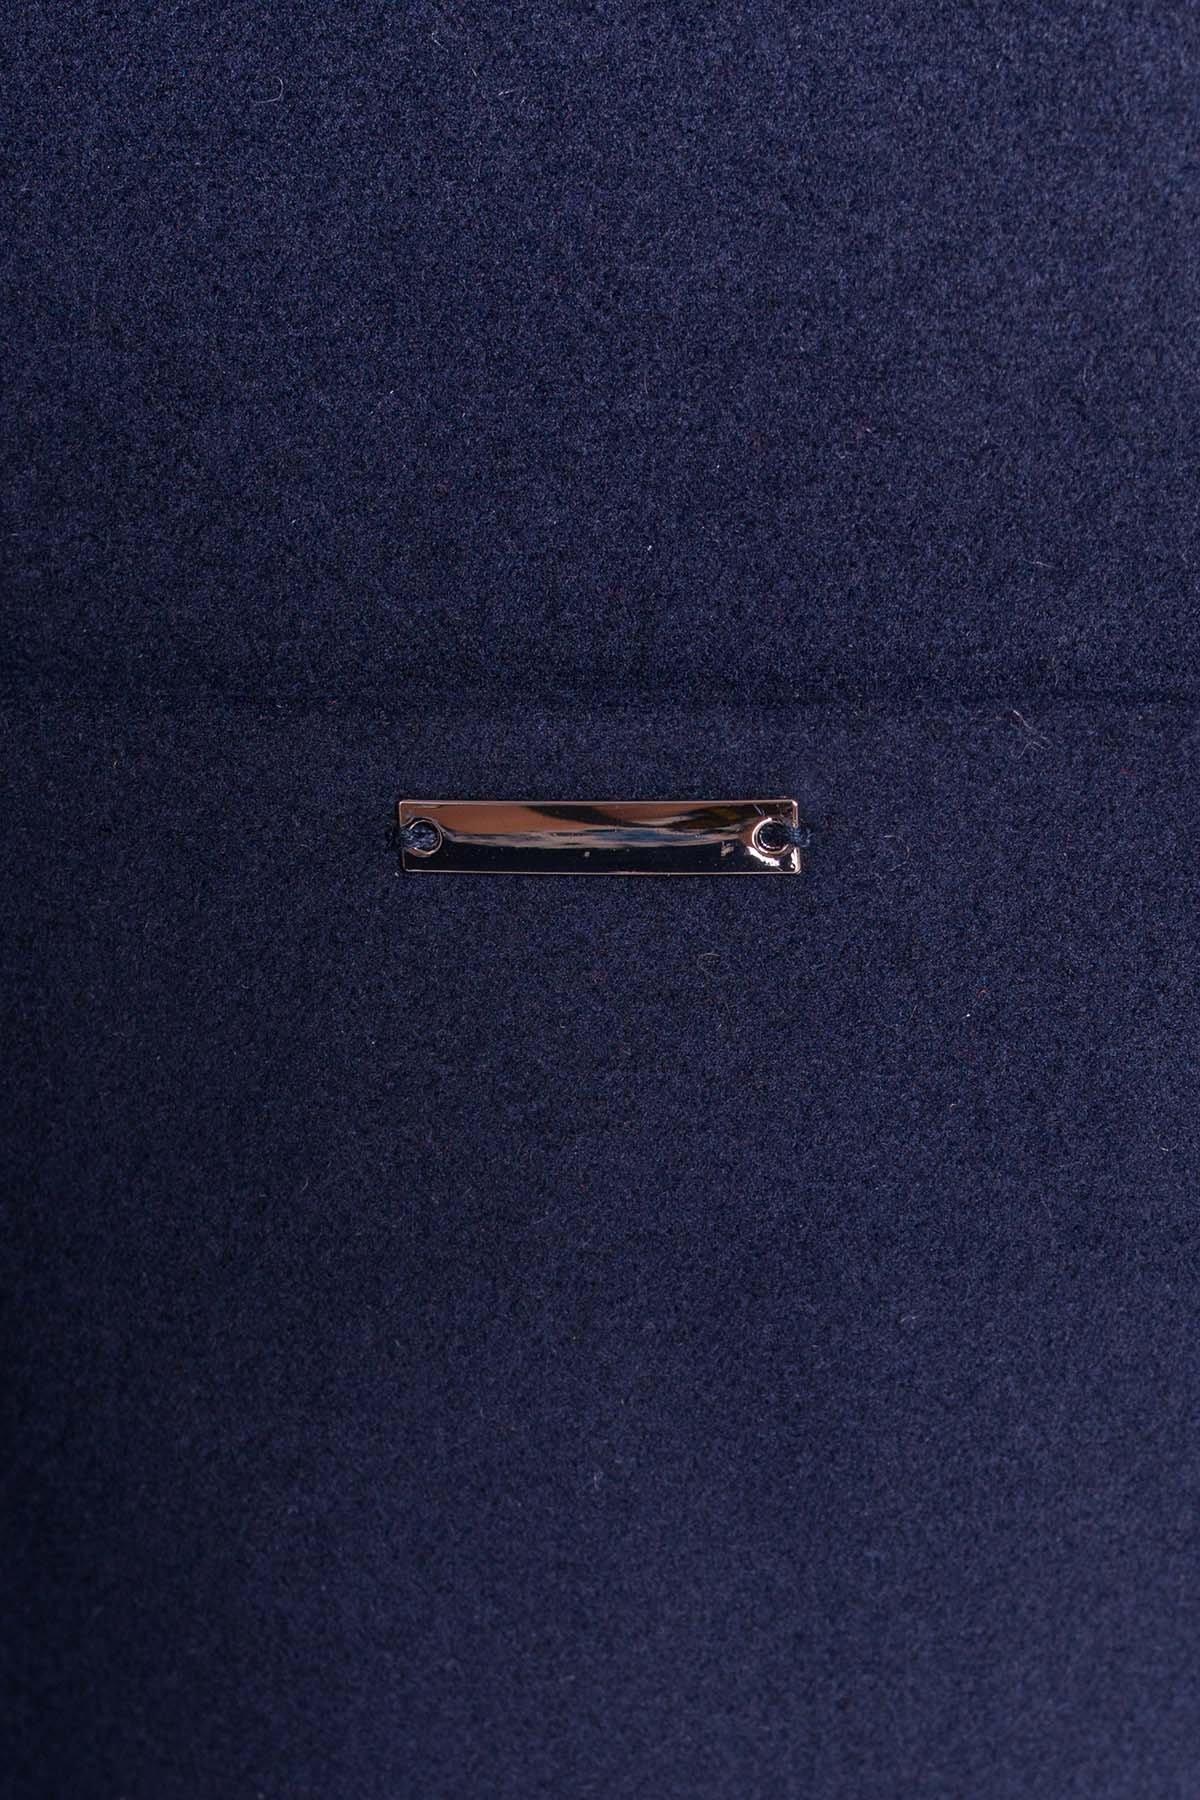 Пальто Вейси 1985 АРТ. 13686 Цвет: Тёмно-синий - фото 5, интернет магазин tm-modus.ru